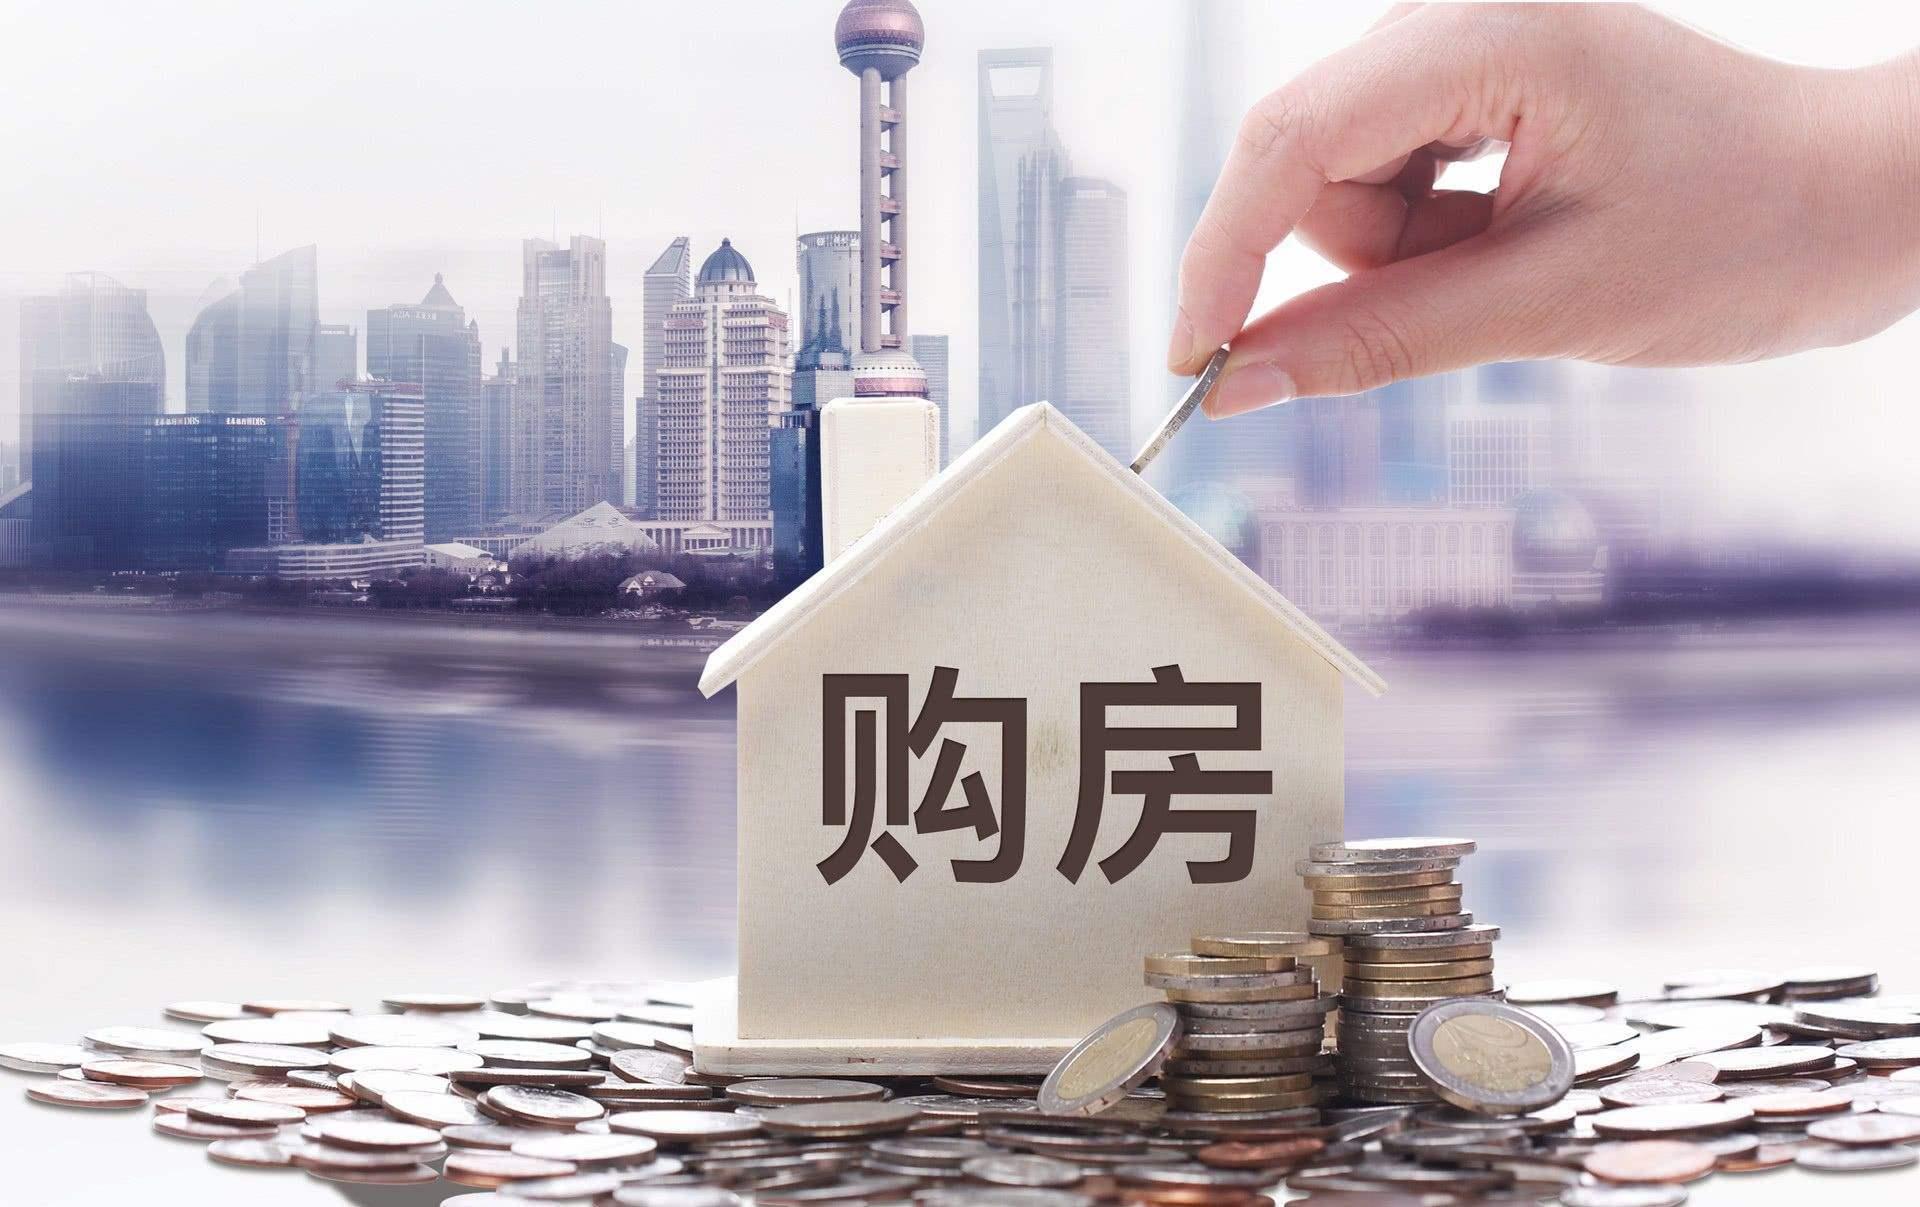 为啥有钱人却不买大房子 听懂行人一分析 太真实了